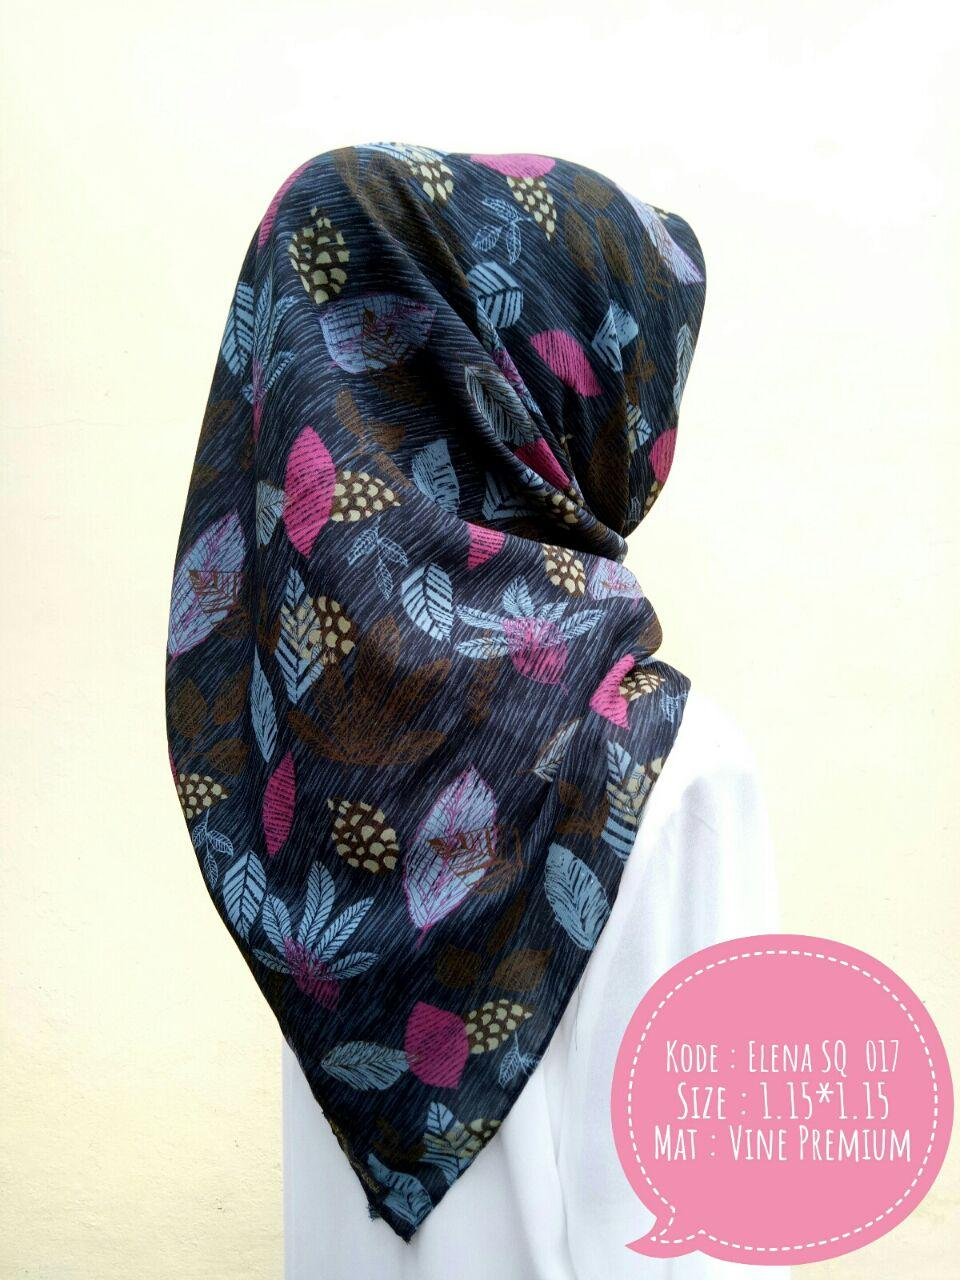 Elena Leaflo SQ Jilbab Motif Kerudung Segi Empat Abstrak Murah Kualitas Premium by Nggemesin Hijab